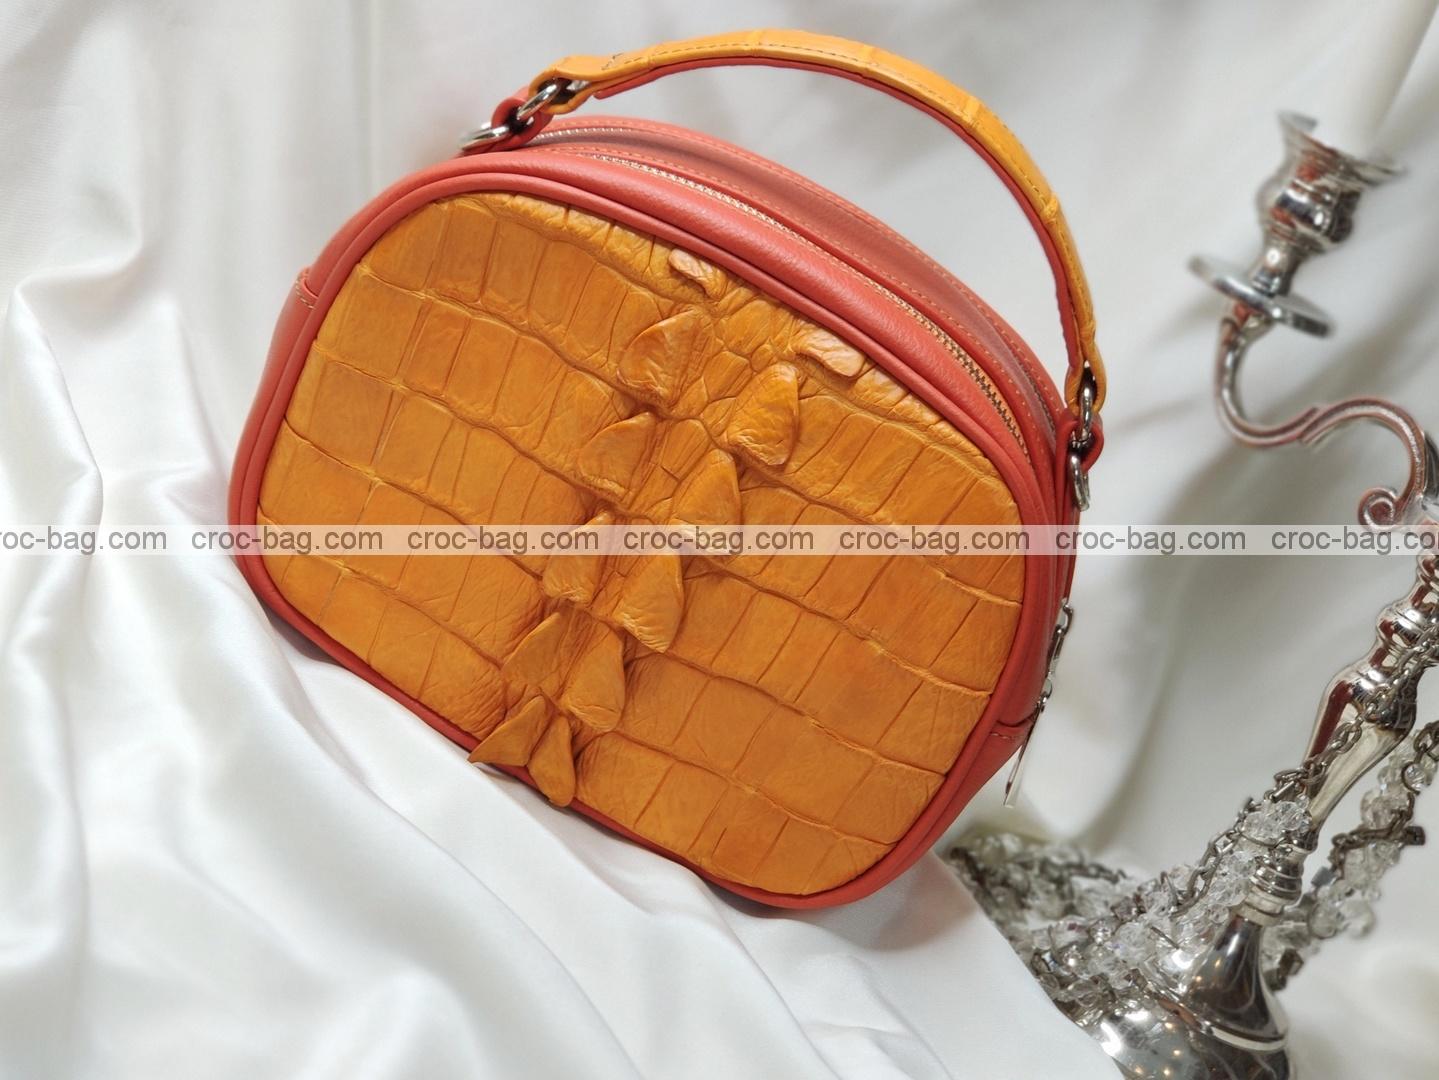 กระเป๋าหนังจระเข้สำหรับผู้หญิง 5329